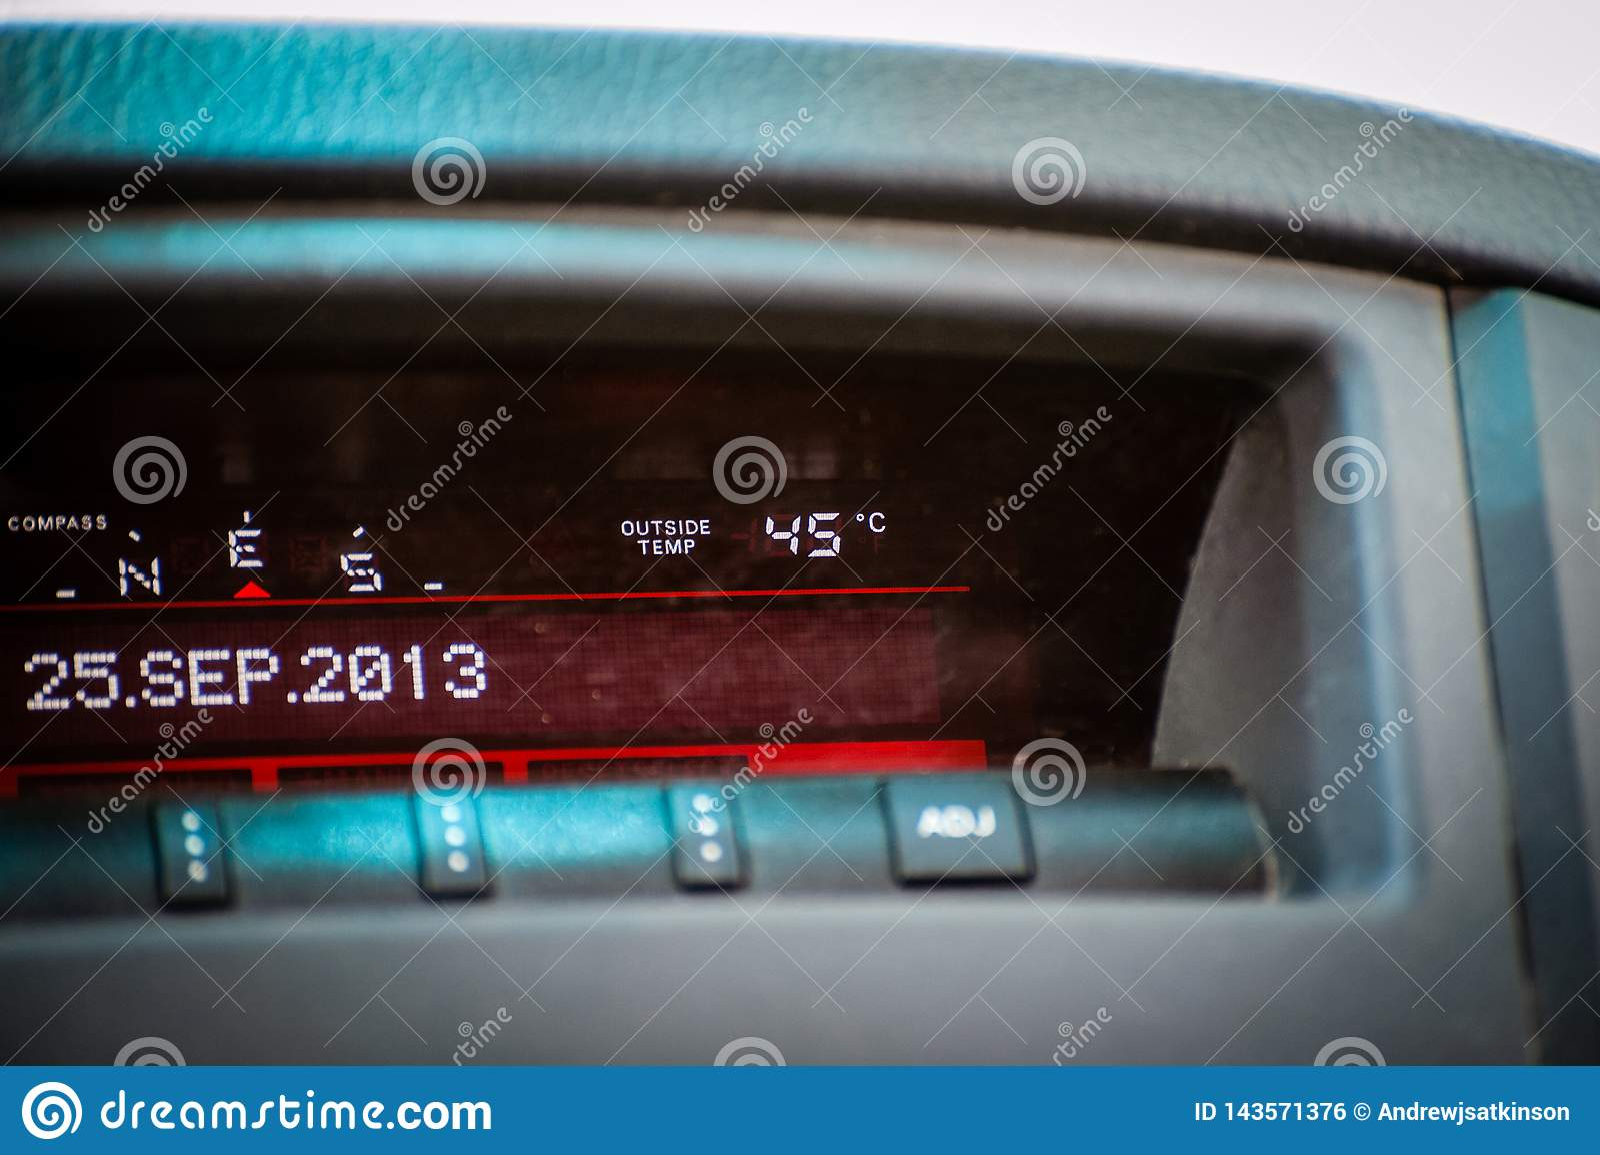 Датчик температуры на автомобиле читая горячие 45 градусов Градус цельсия